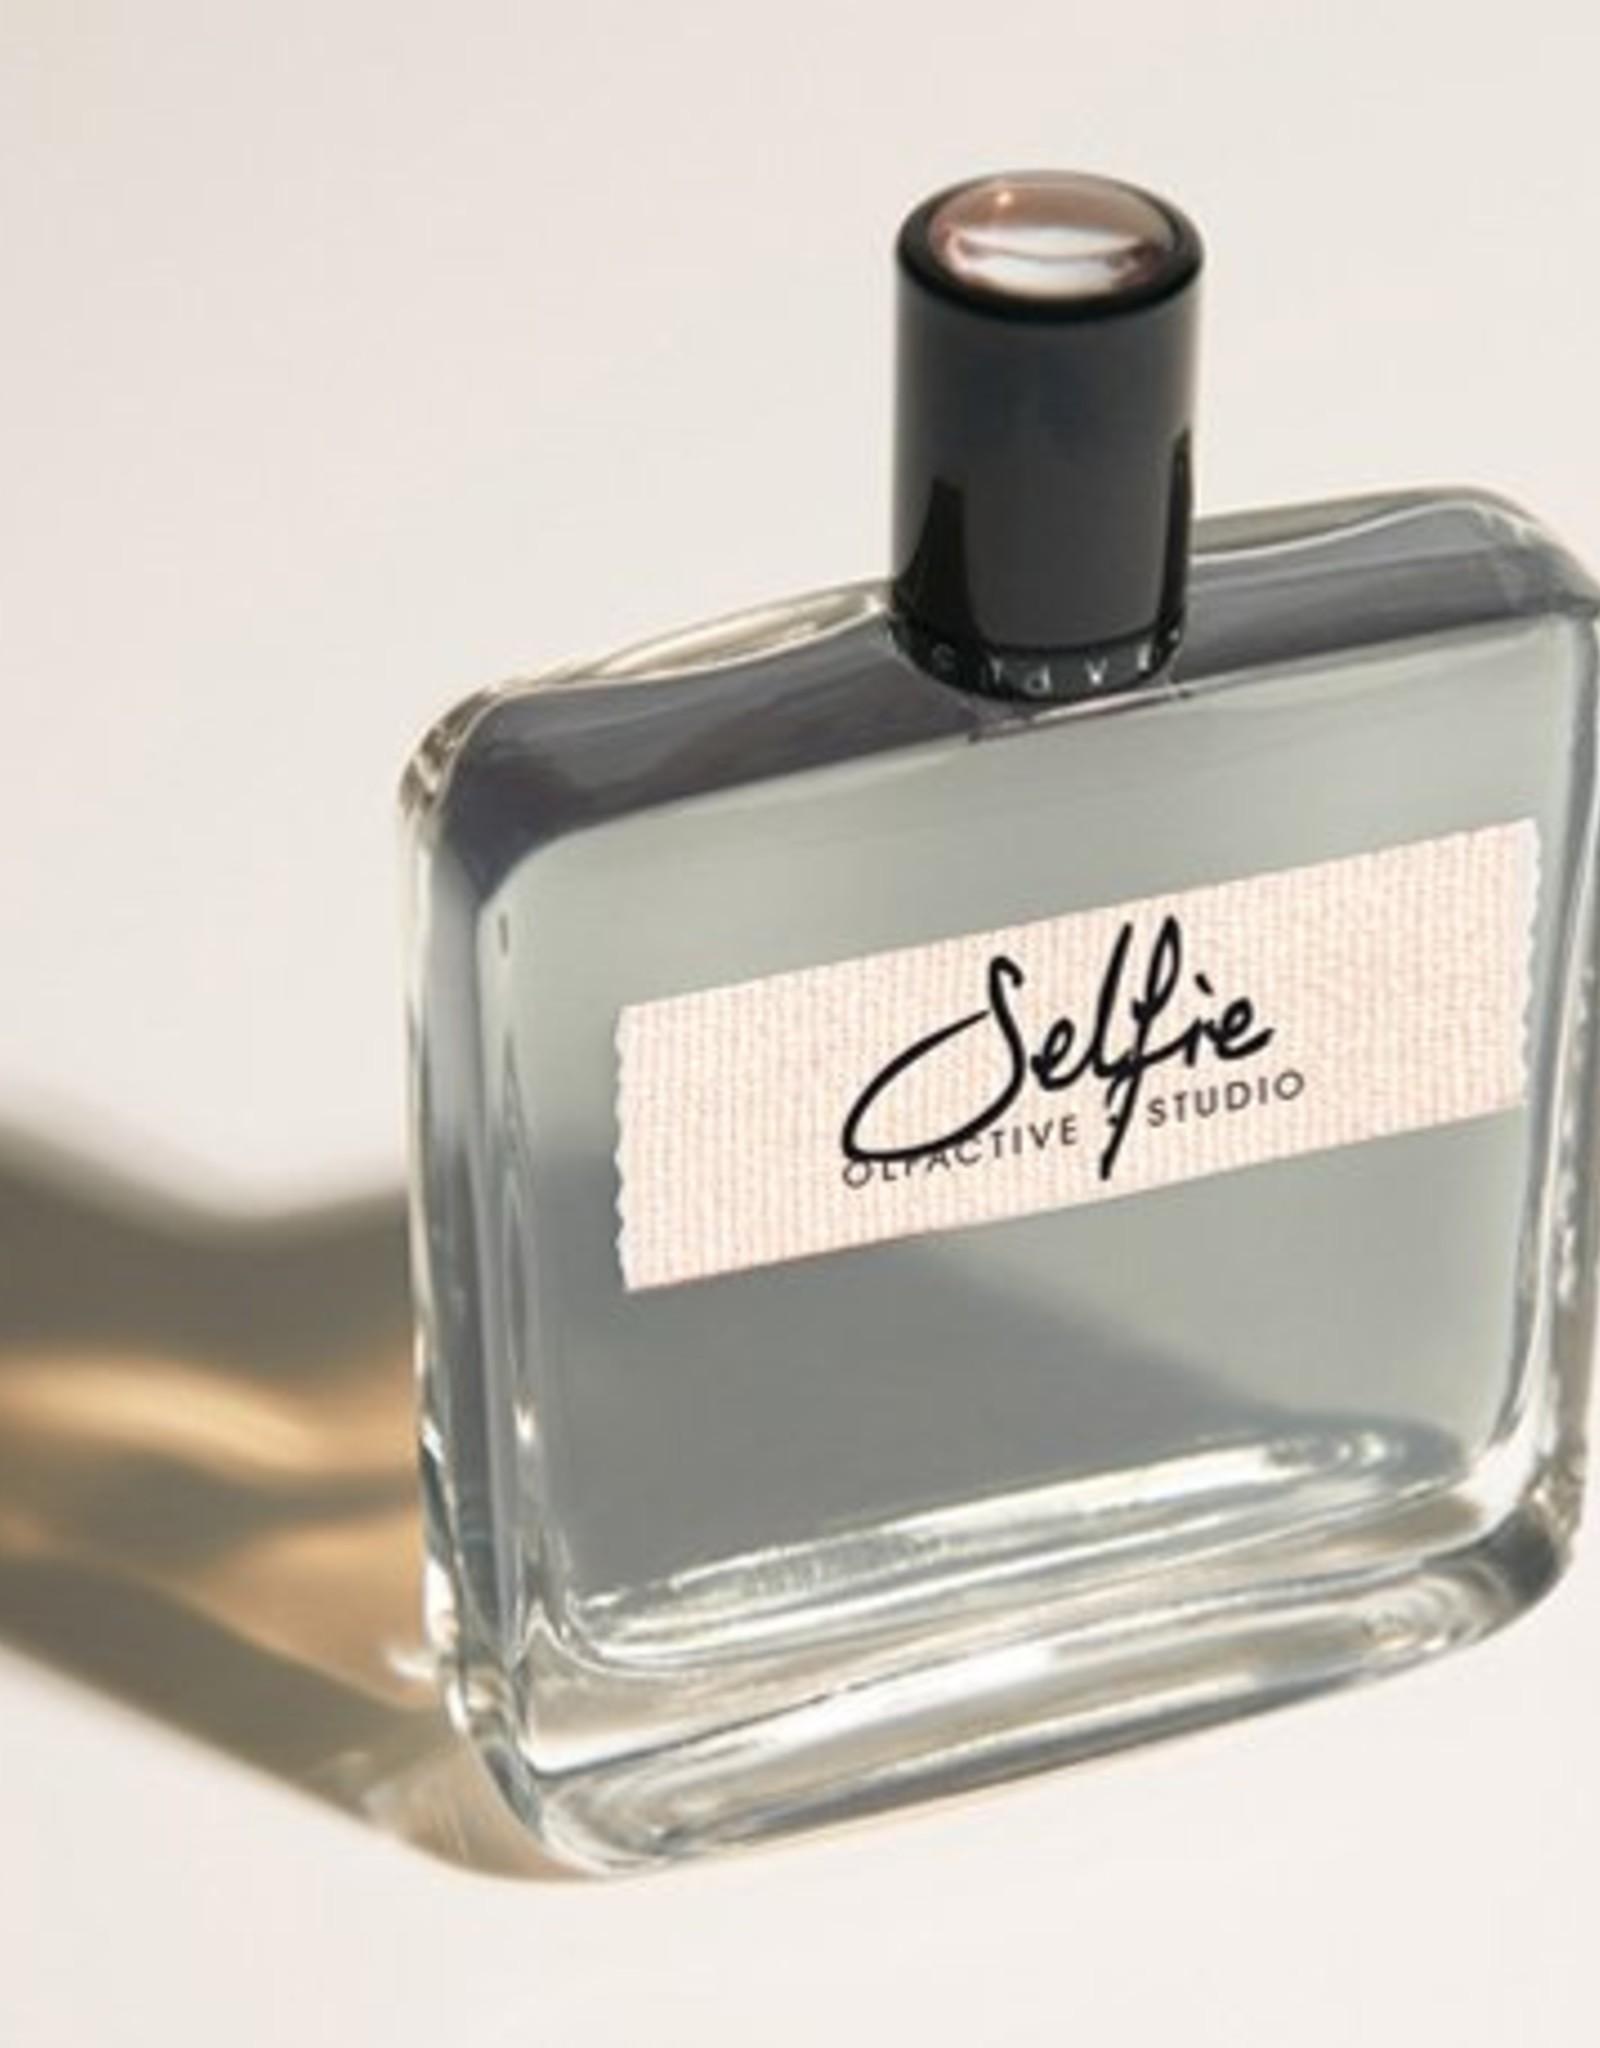 Olfactive Studio Selfie Eau de Parfum - 100 ml